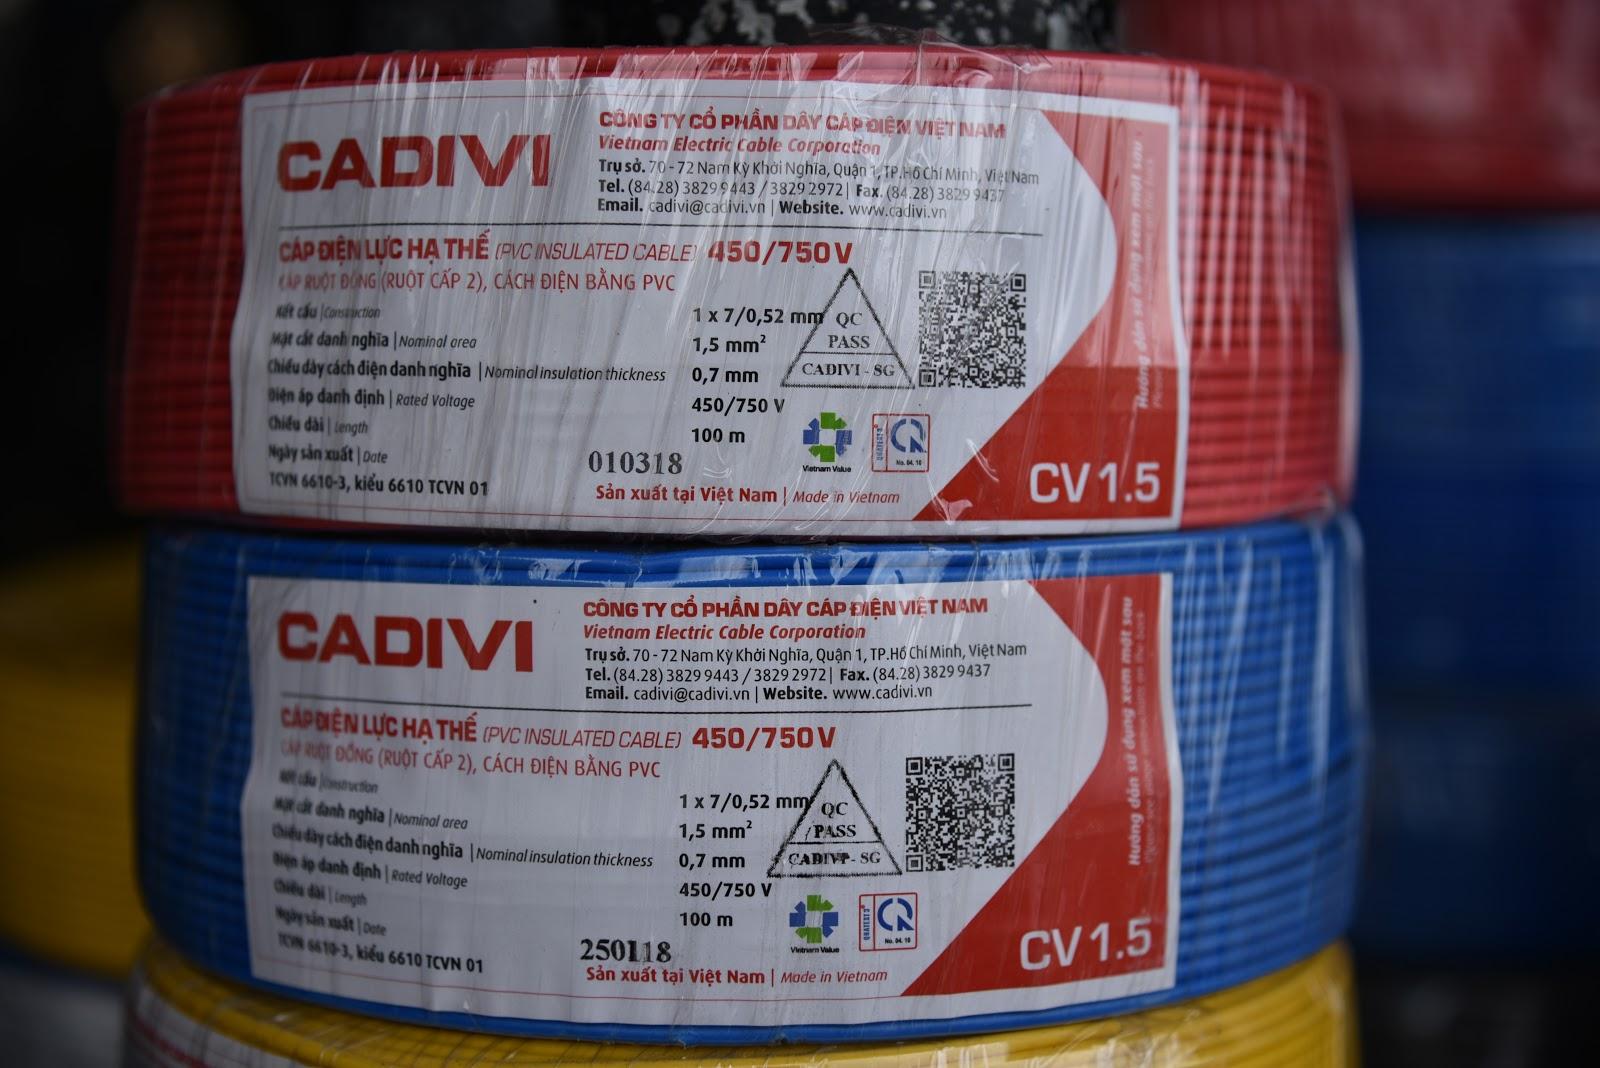 Bán dây điện Cadivi giá rẻ ở đâu ?